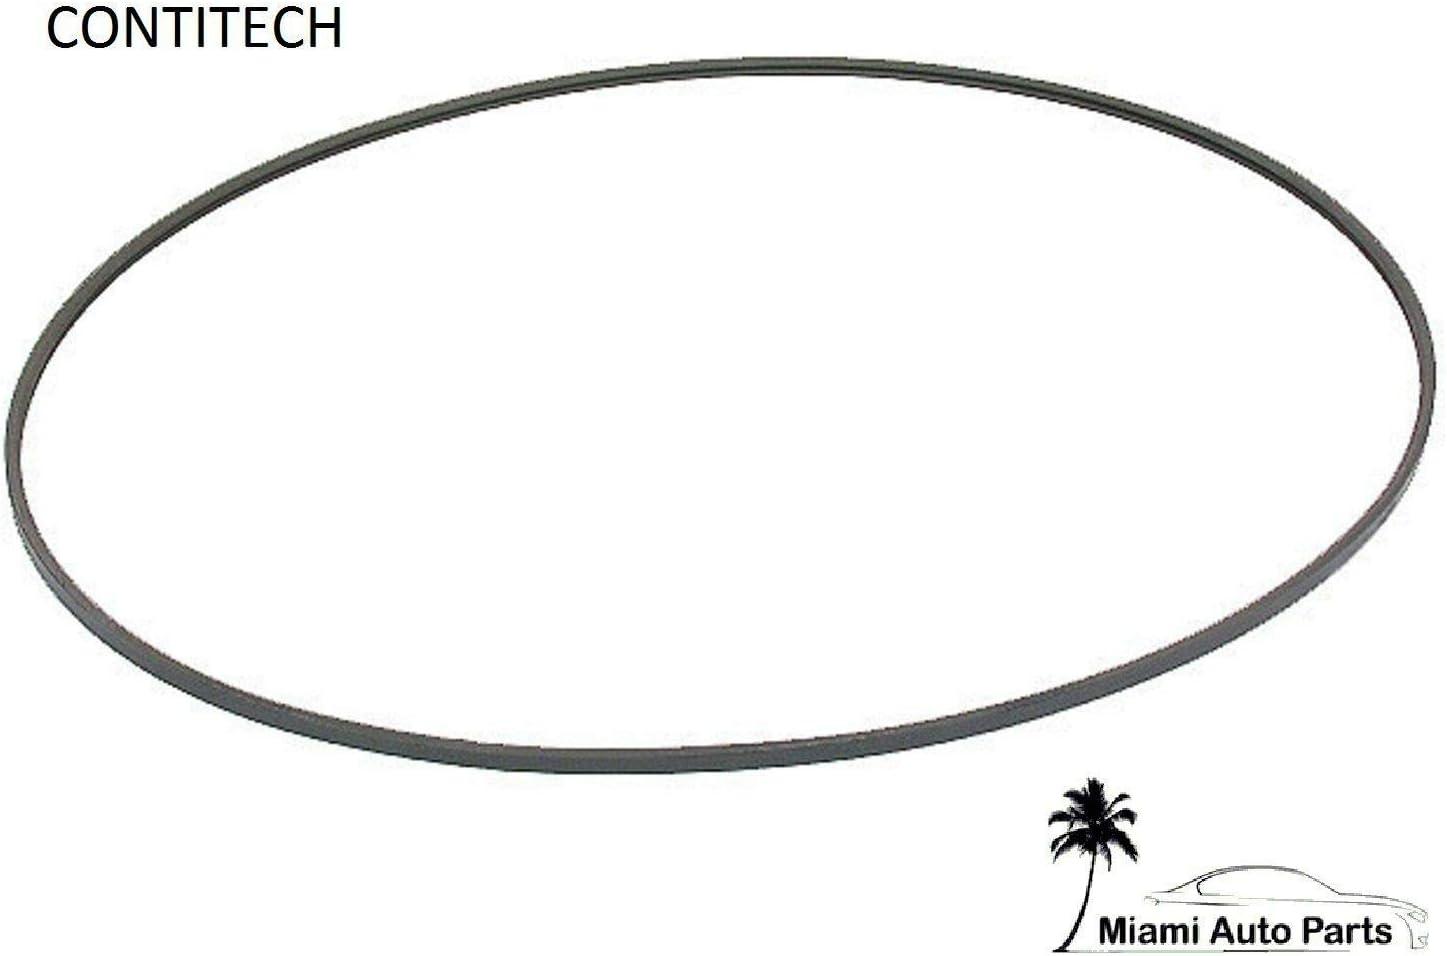 for Mercedes w210 Belt between Aux Fans 2PJ x 859 by OEM ContiTech